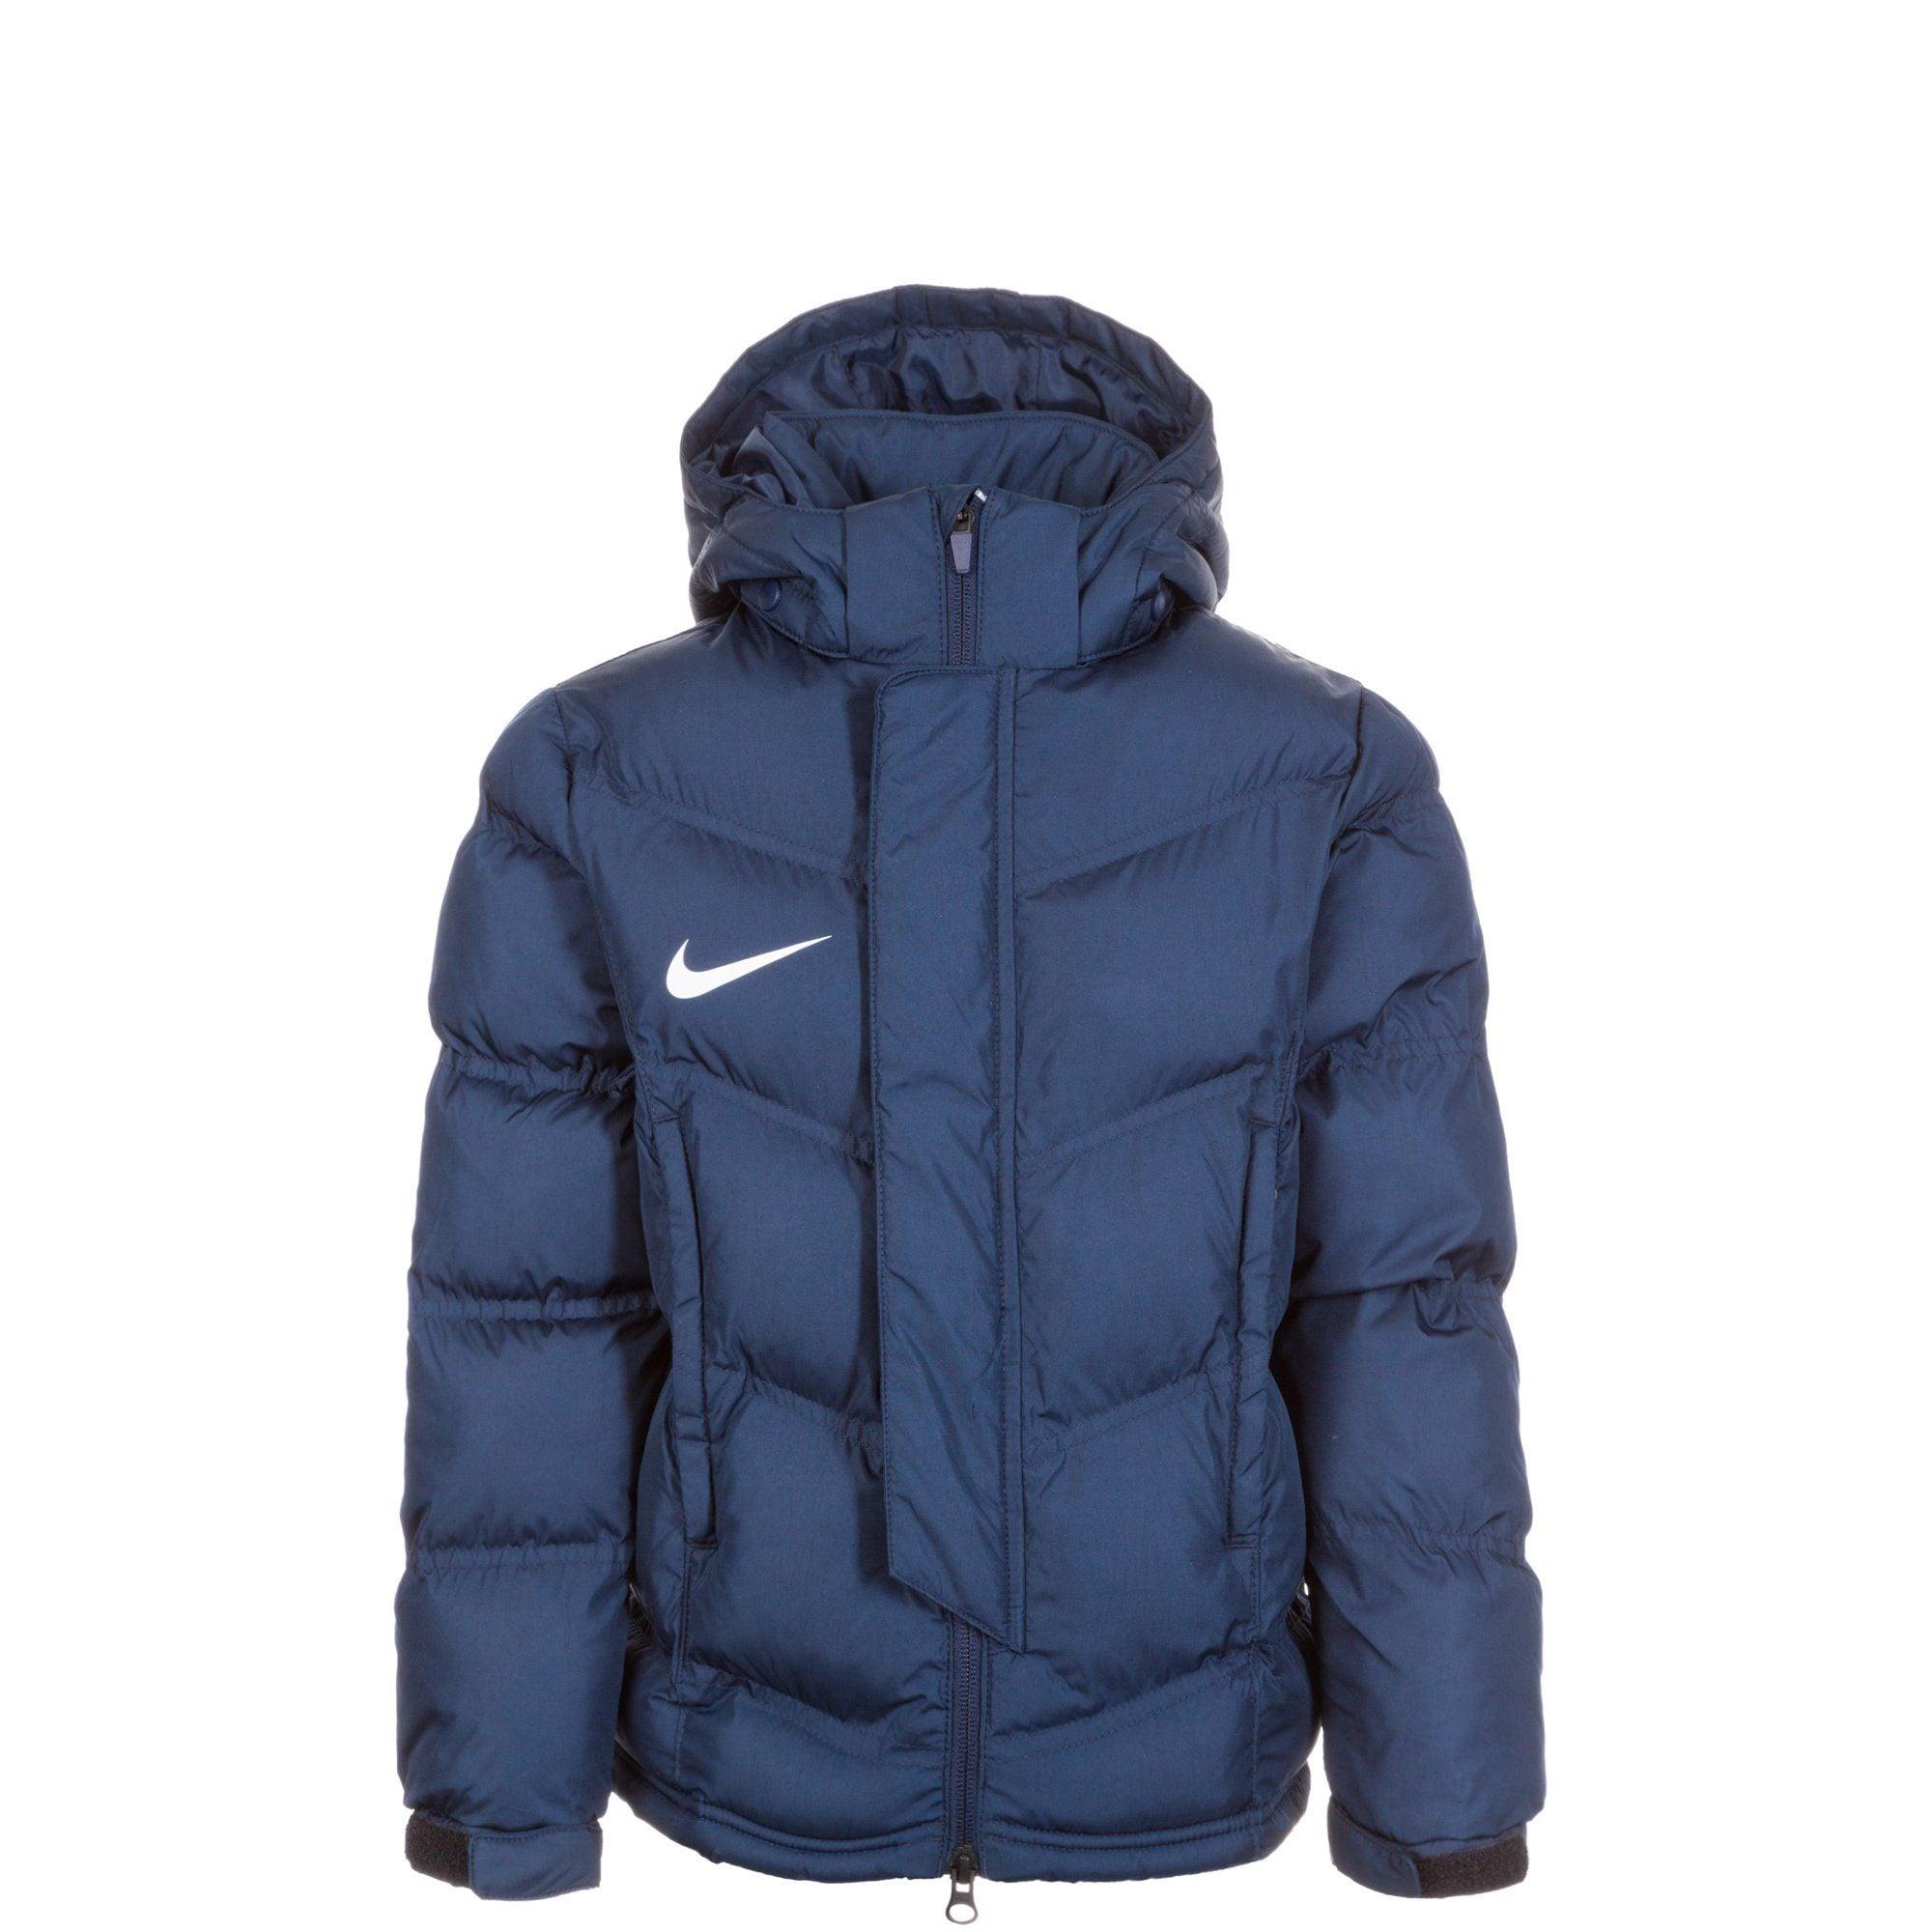 Nike Winterjacke »Team« mit Kordelzug online kaufen | BAUR